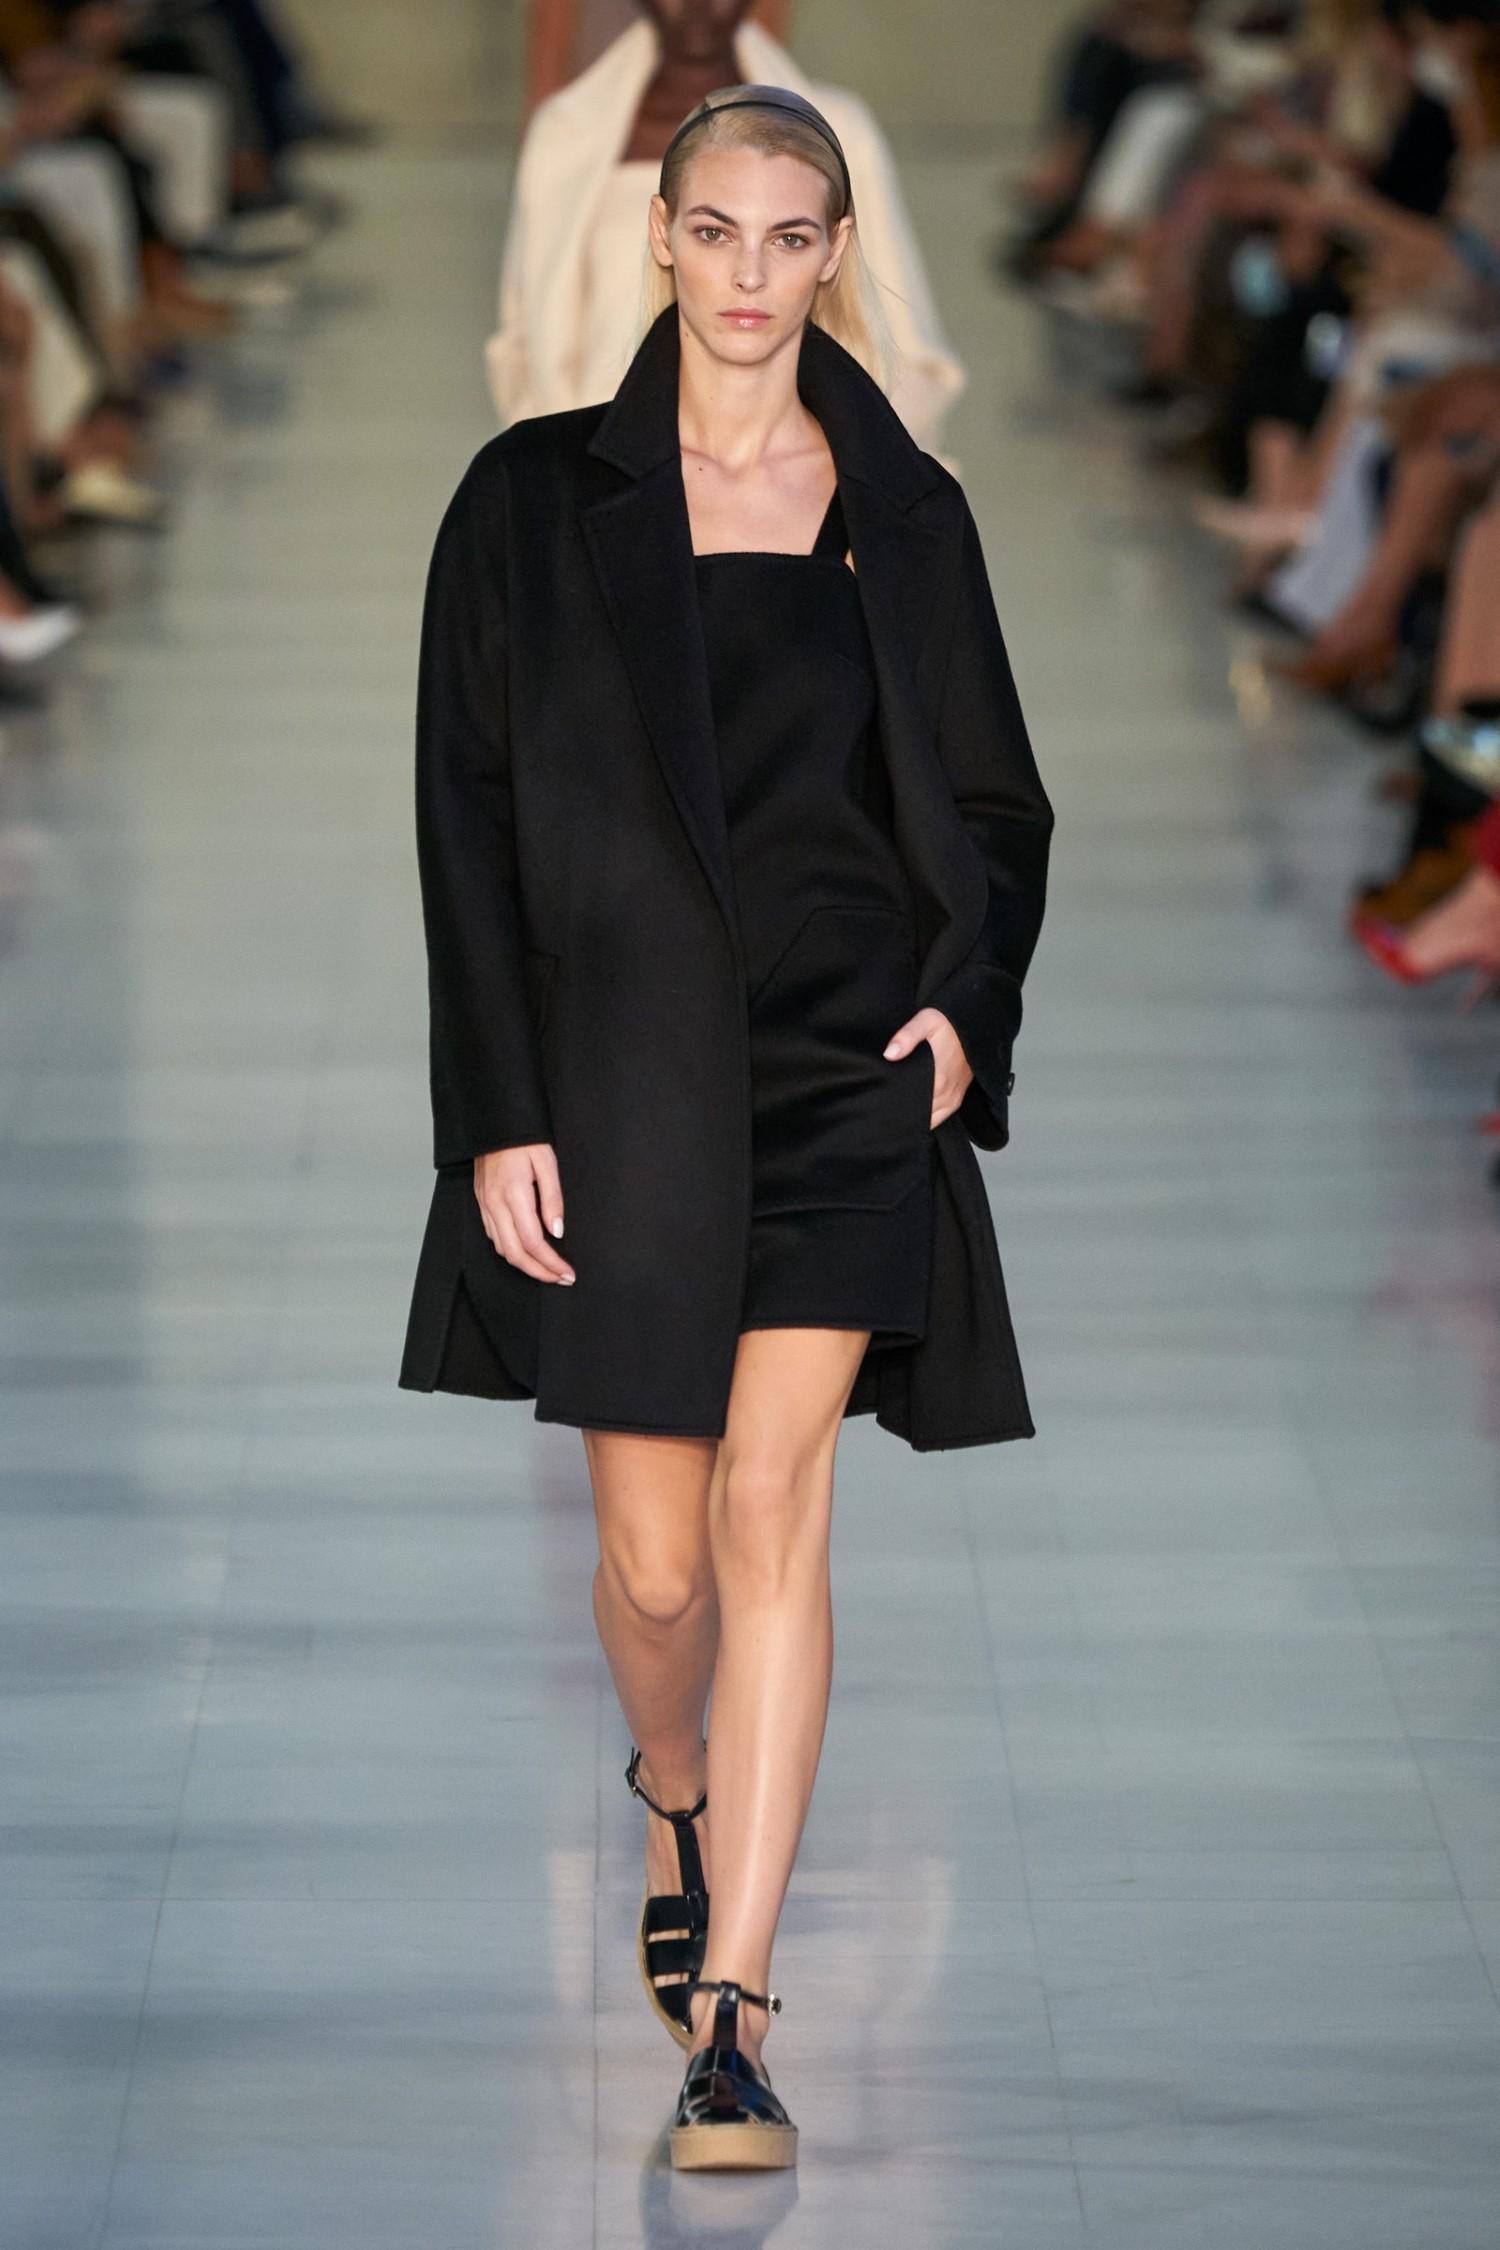 Max Mara Spring Summer 2022 - Milan Fashion Week